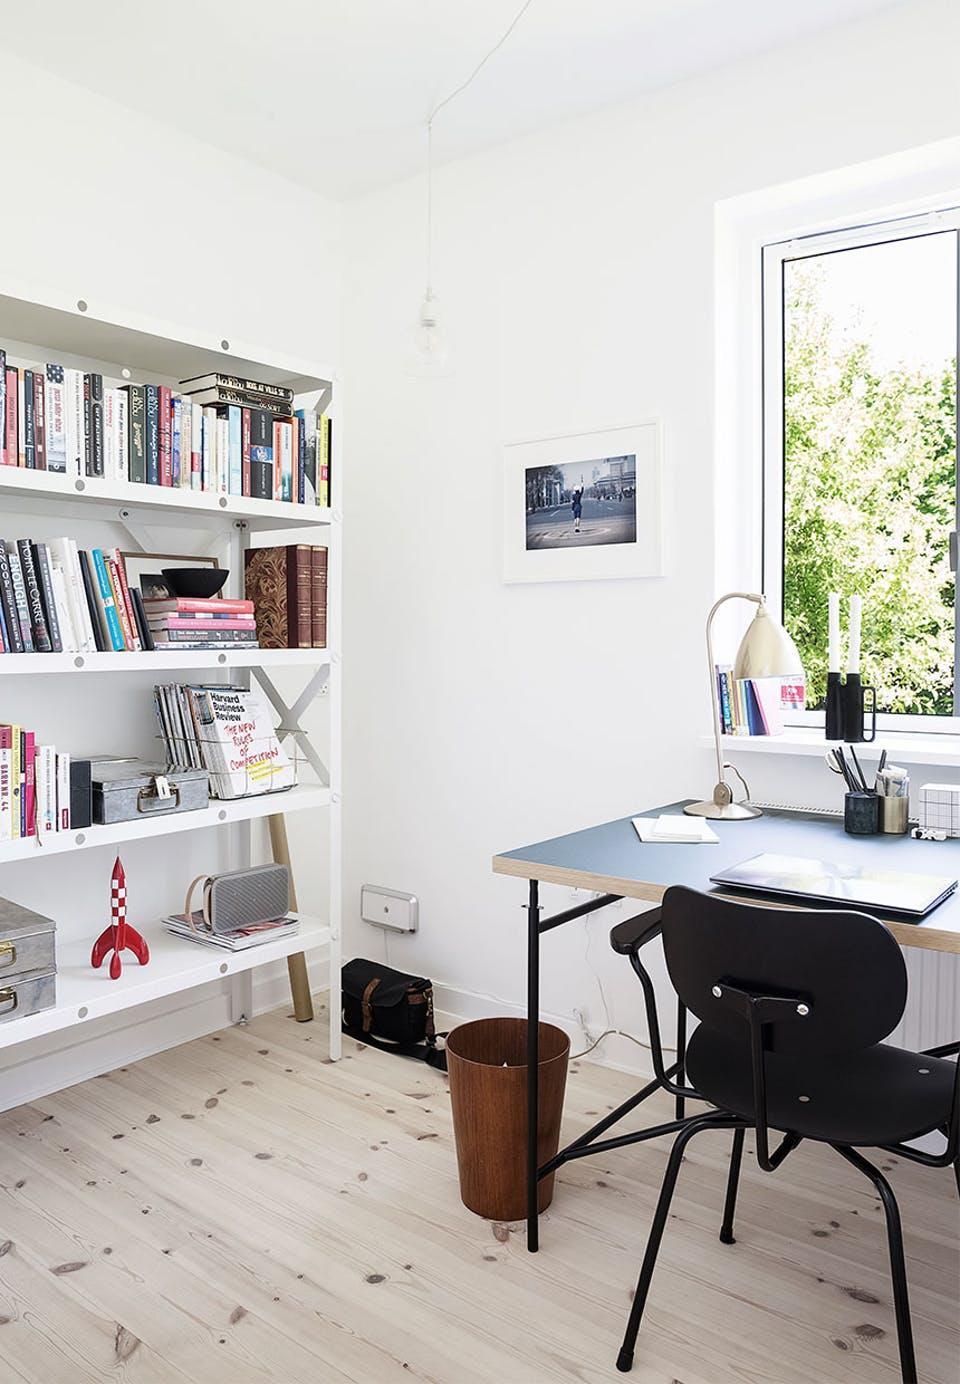 kontor-bogreol-skrivebord-stol-seppuYXKuRYD2PpqeG1q7g